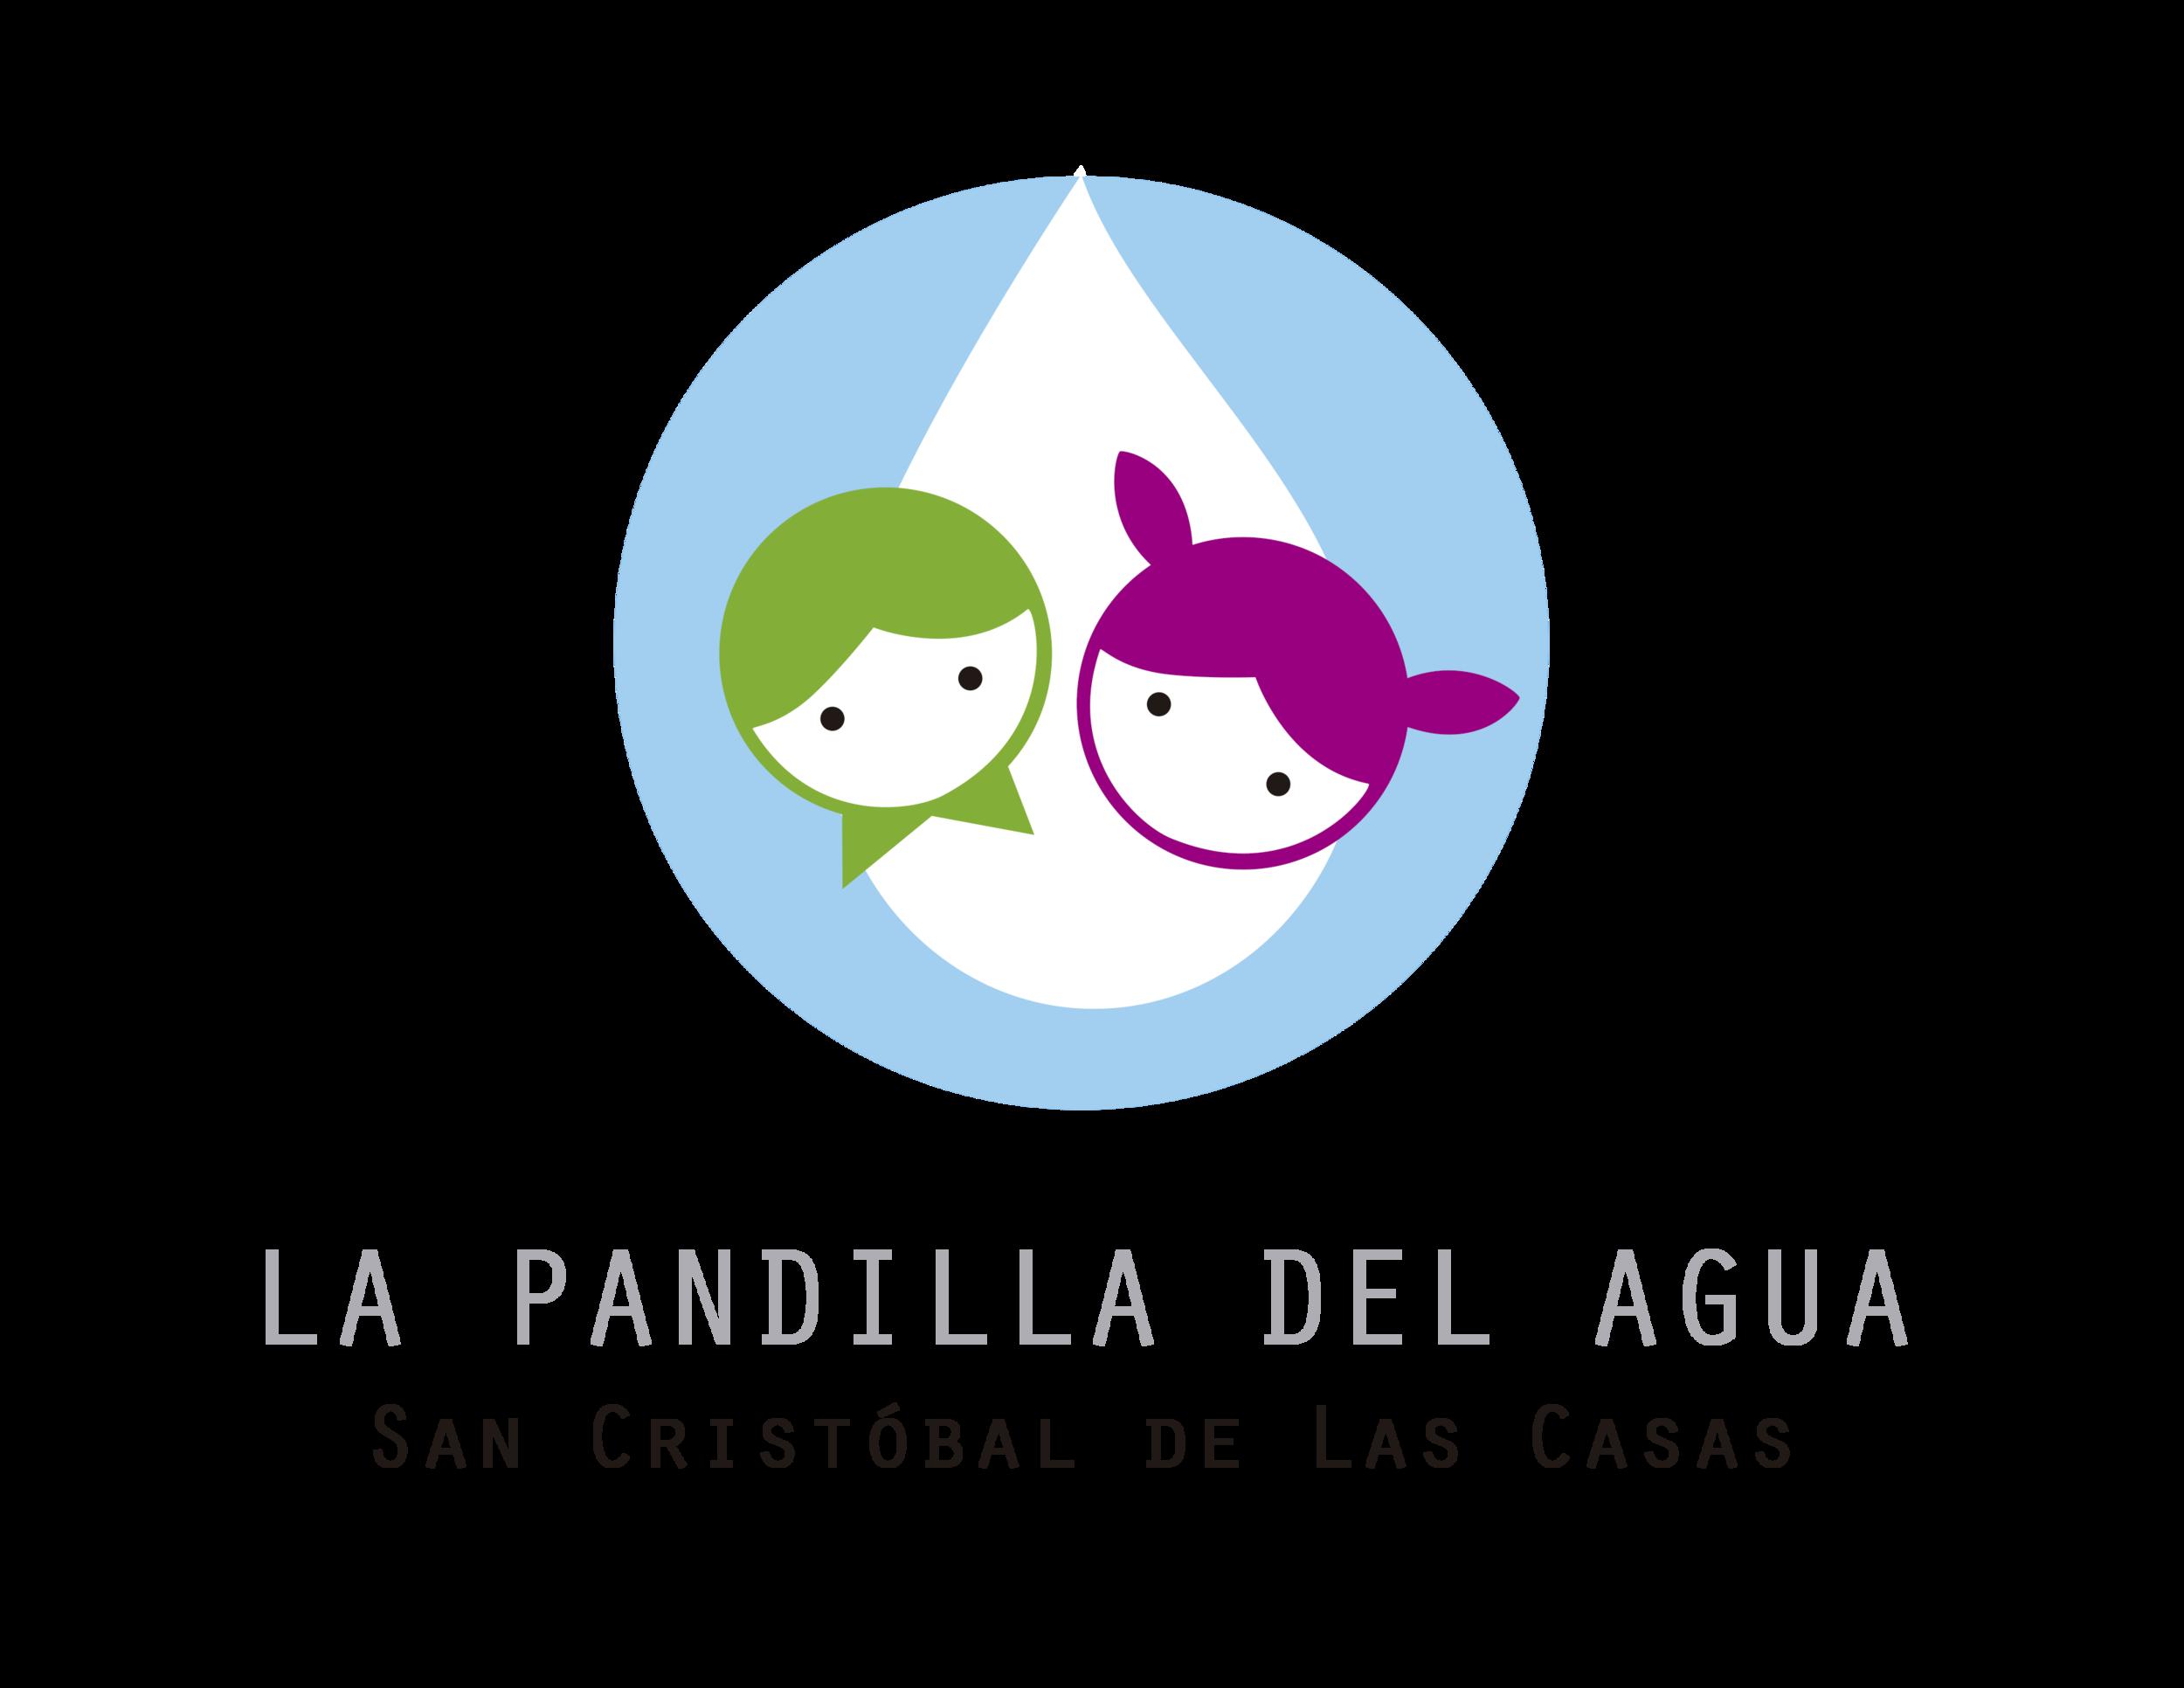 logo-pandilla-del-agua-1.png